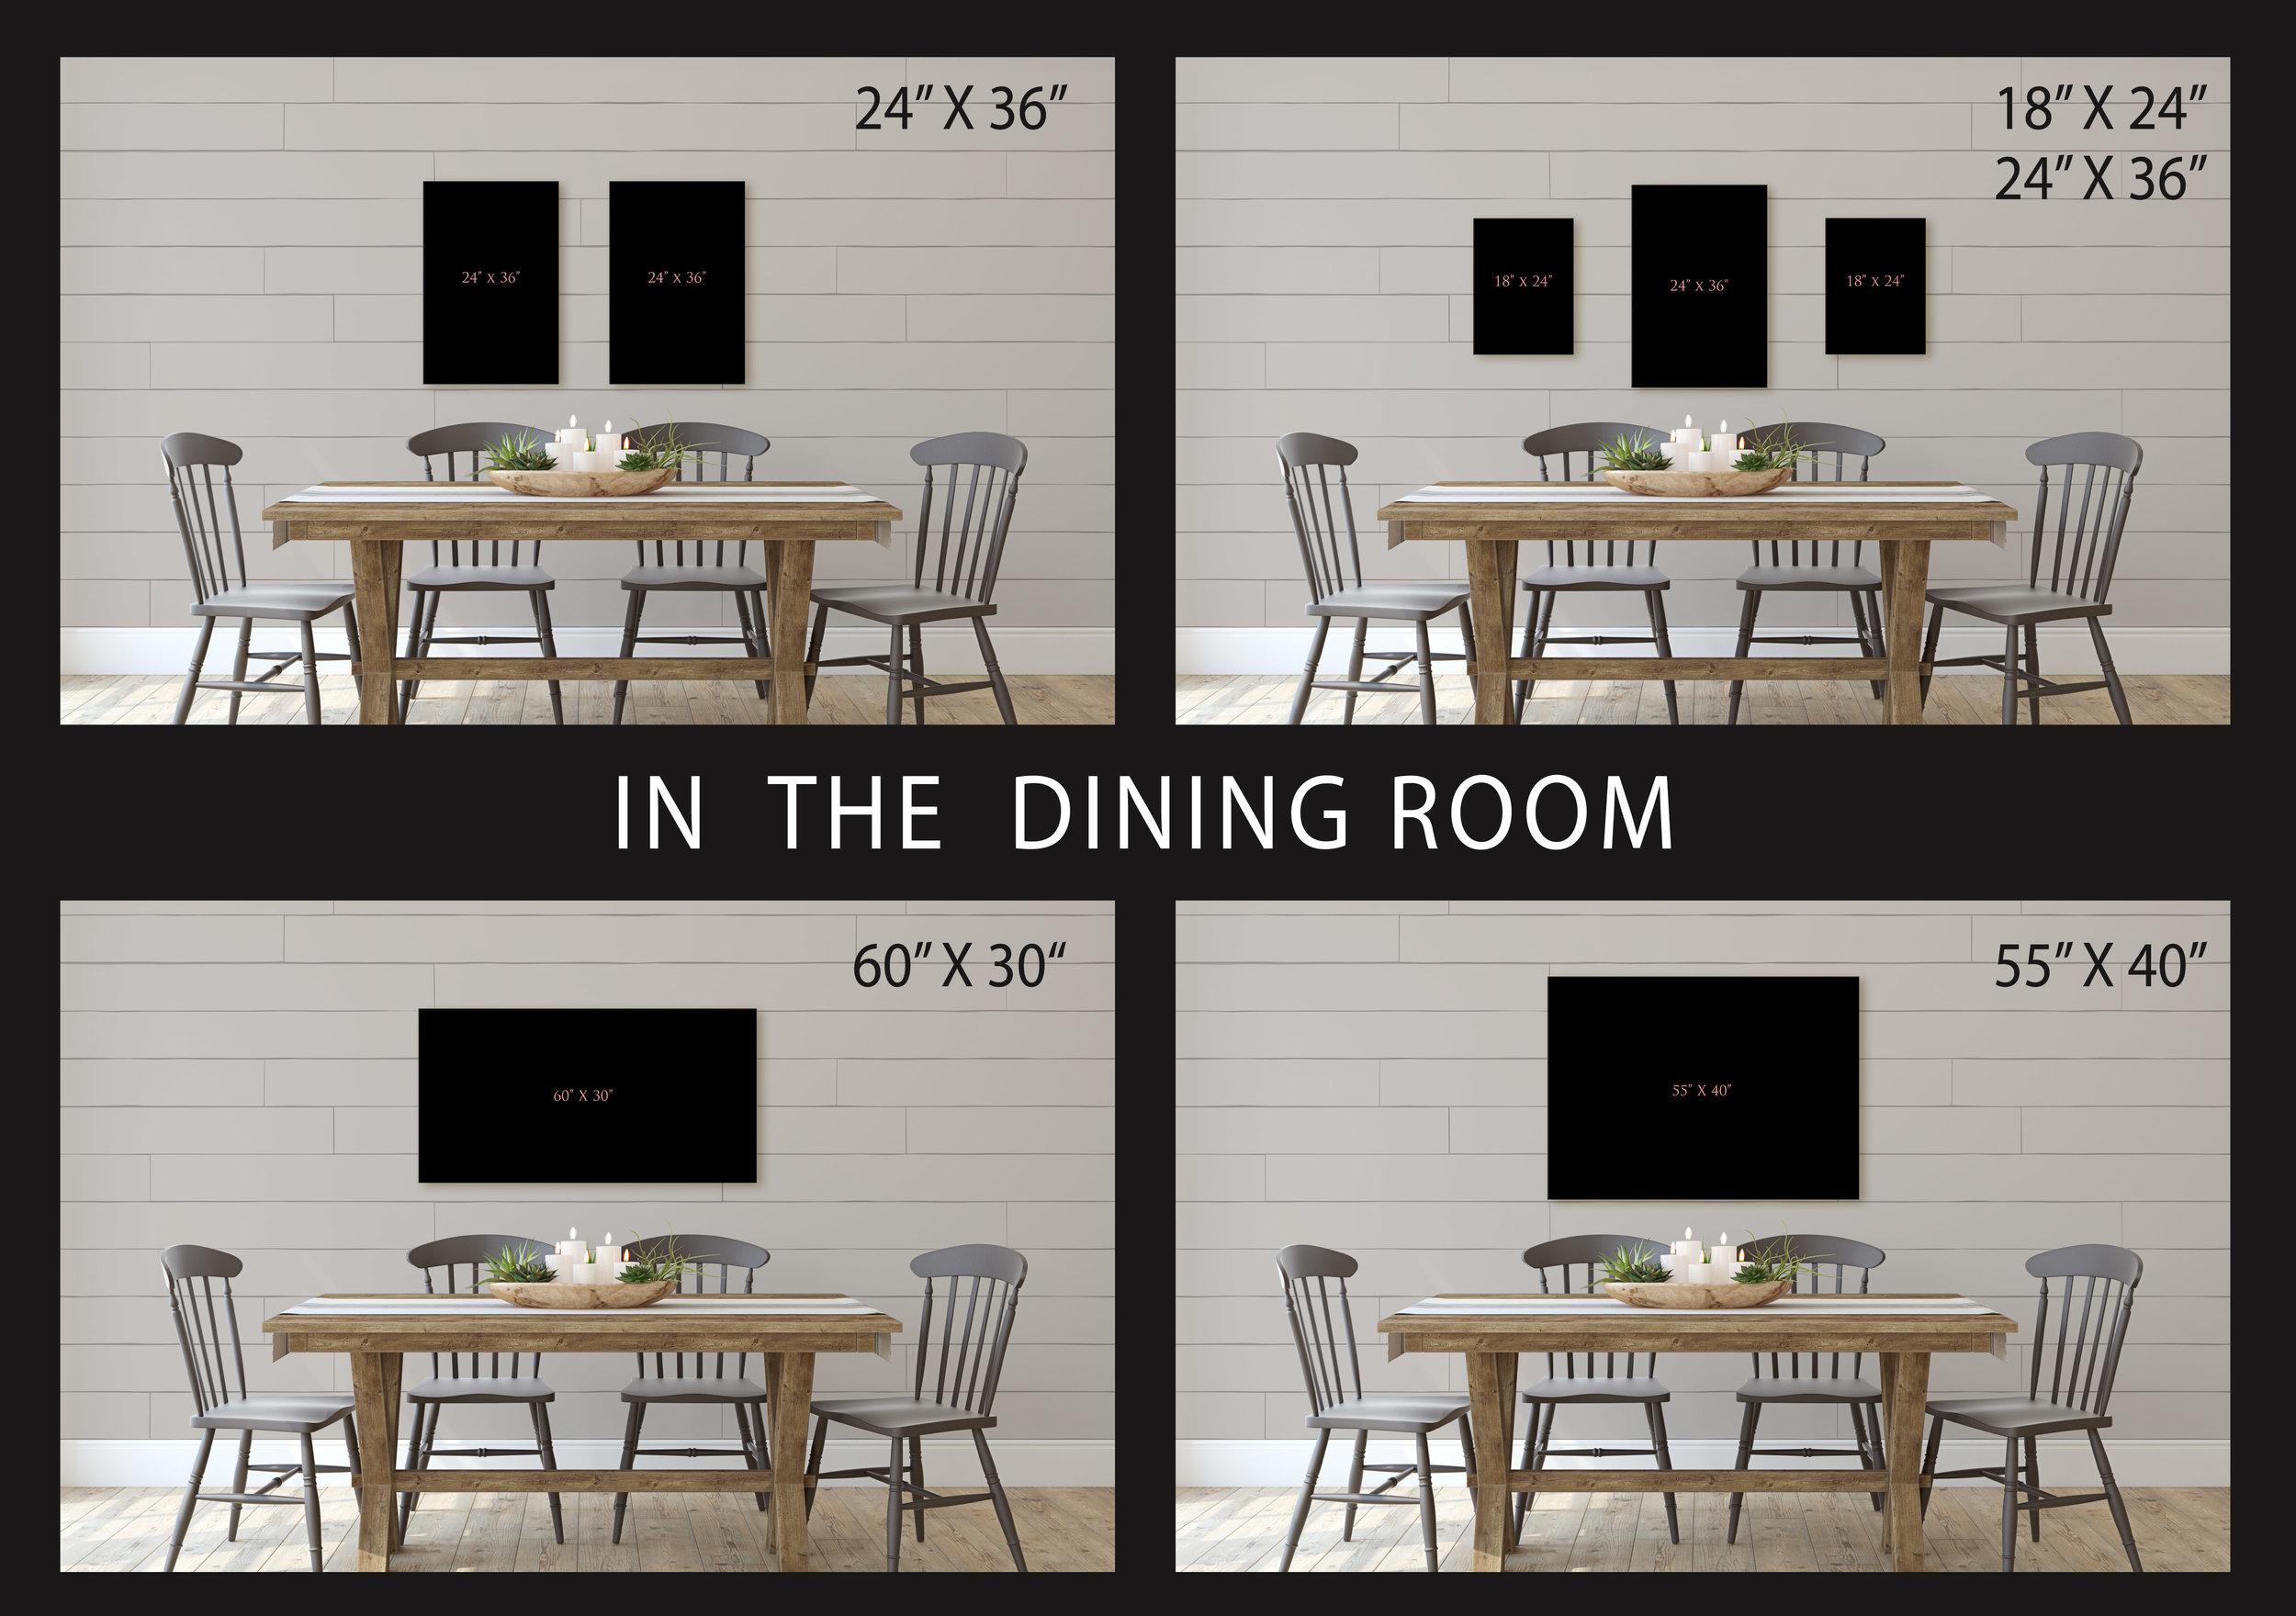 Dining Room mockup.jpg